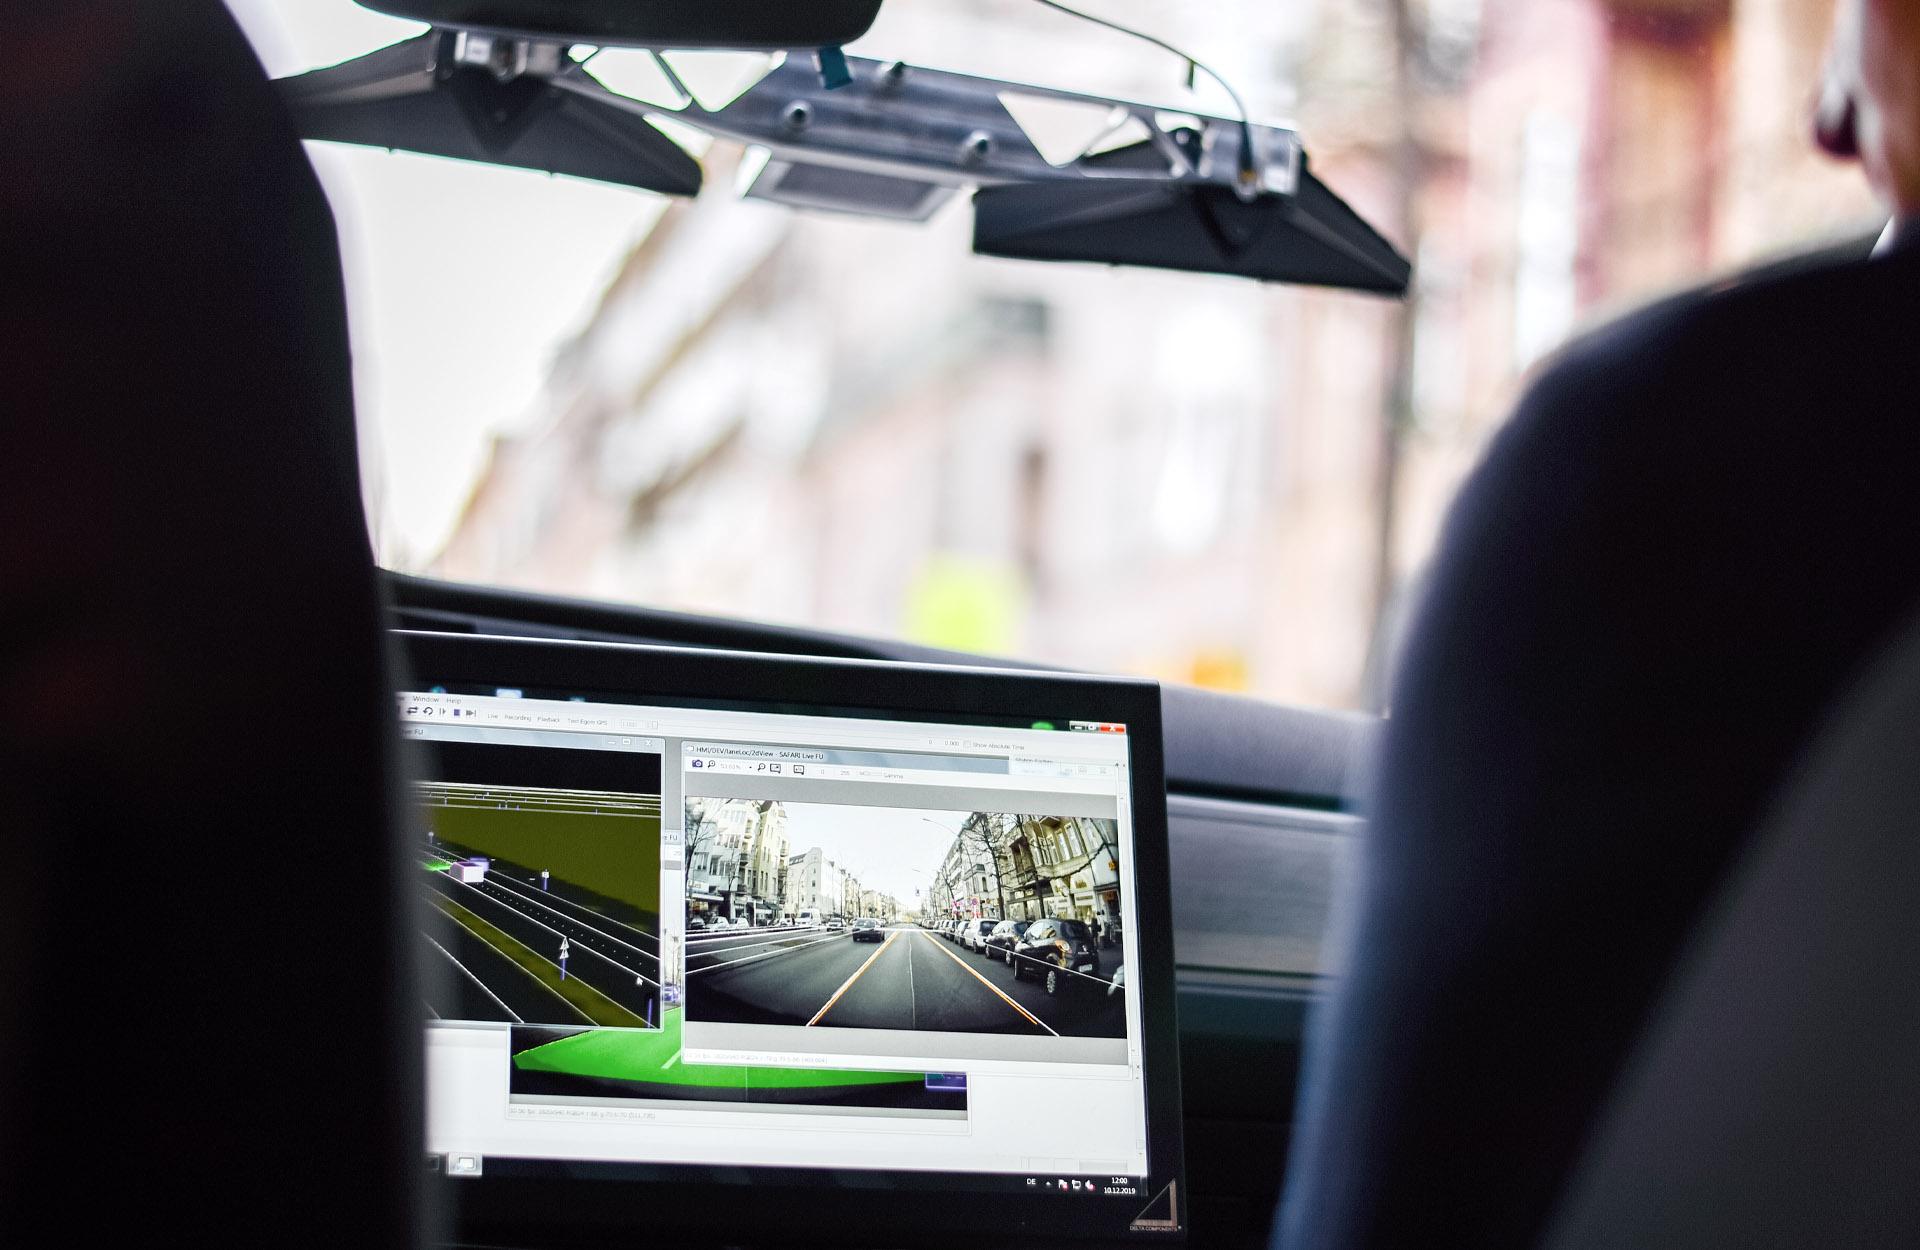 Bild eines Monitors, der die Umfeldwahrnehmung und Vehicle-to-X-Kommunikation zeigt.